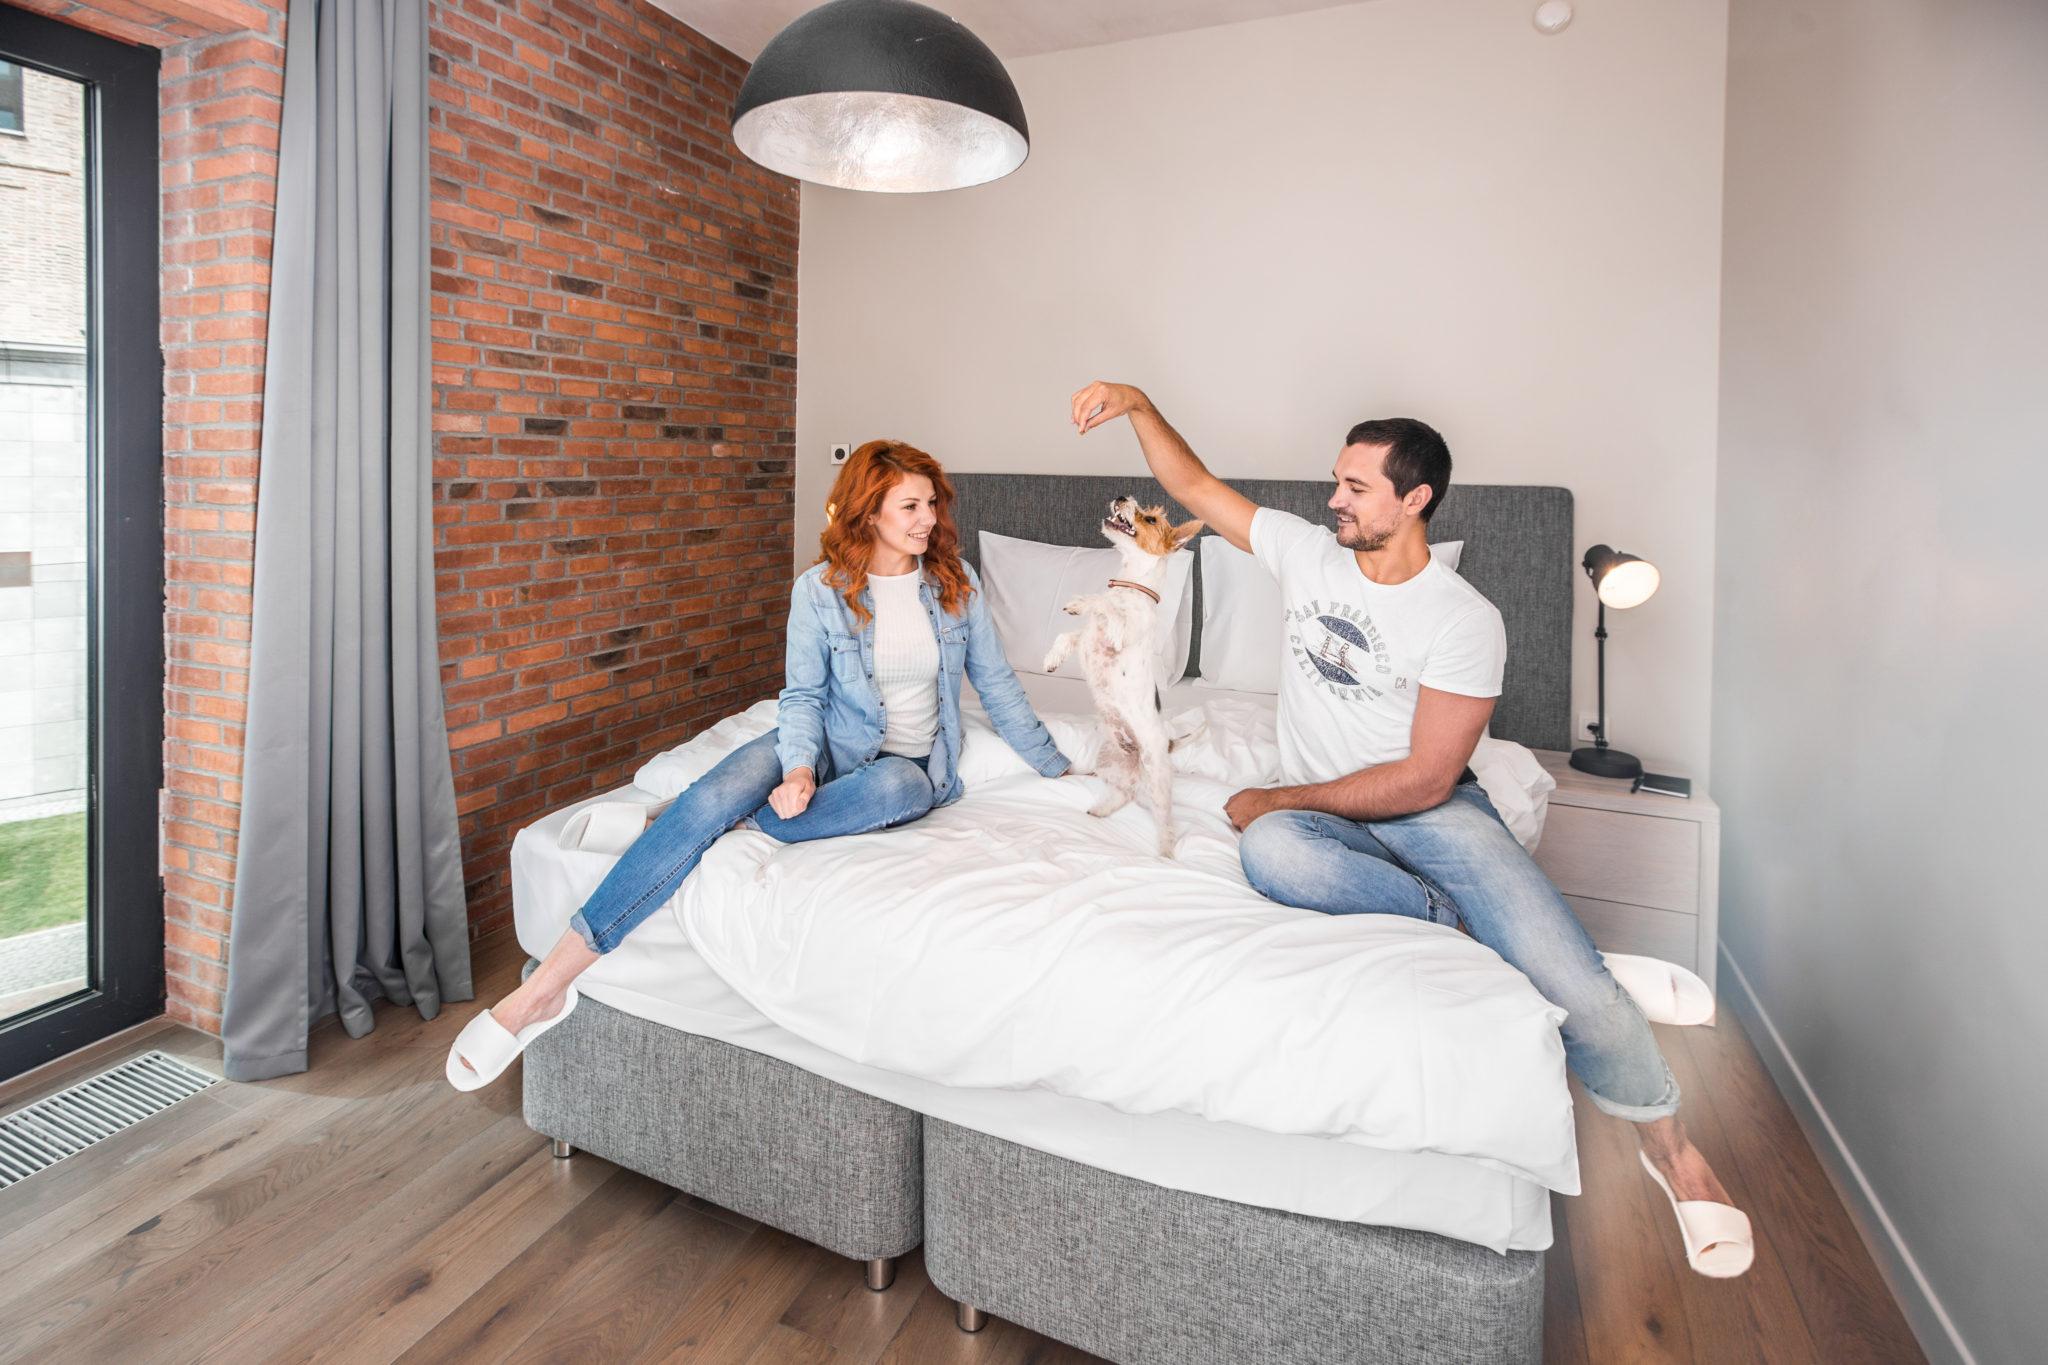 Апартаменты и квартиры. В чем принципиальная разница?